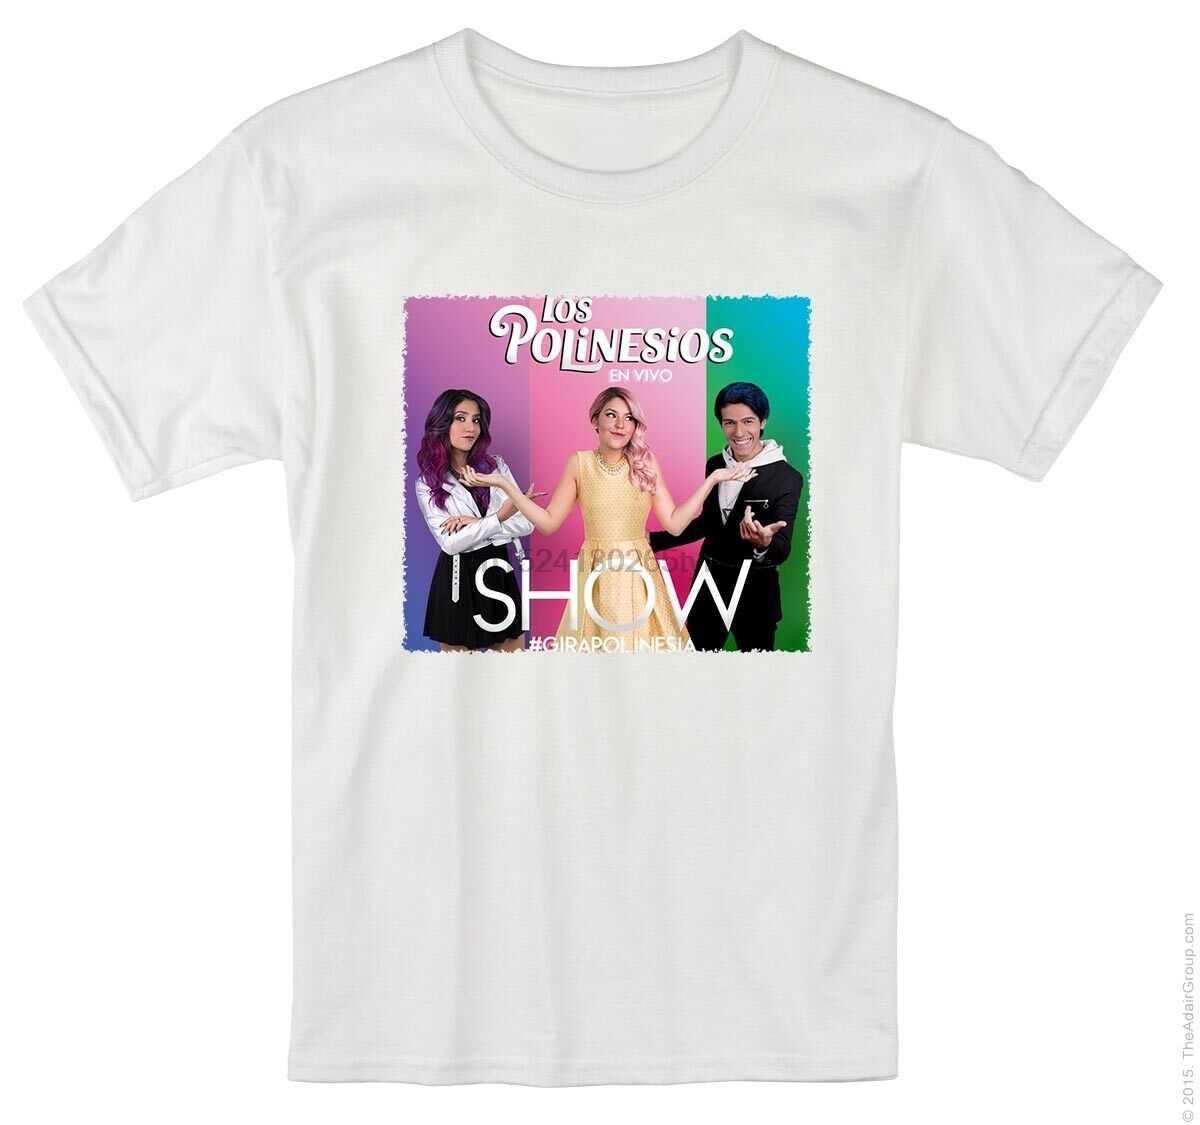 폴리네시아 비치 셔츠 폴리네시아 투어 티셔츠 youtuber girls and boys